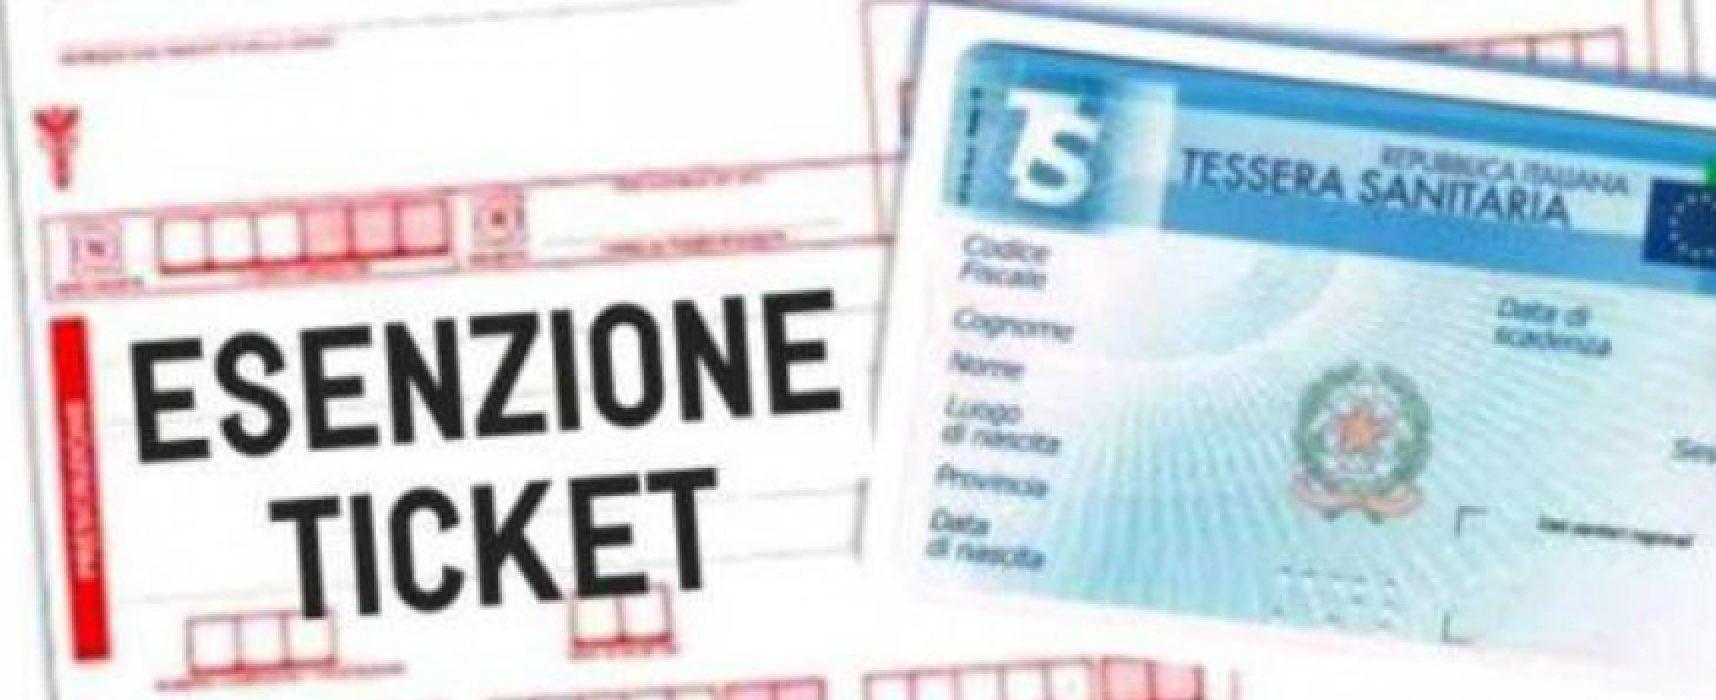 Sanità Regione Puglia: esenzioni ticket per reddito, prorogati i termini / DETTAGLI